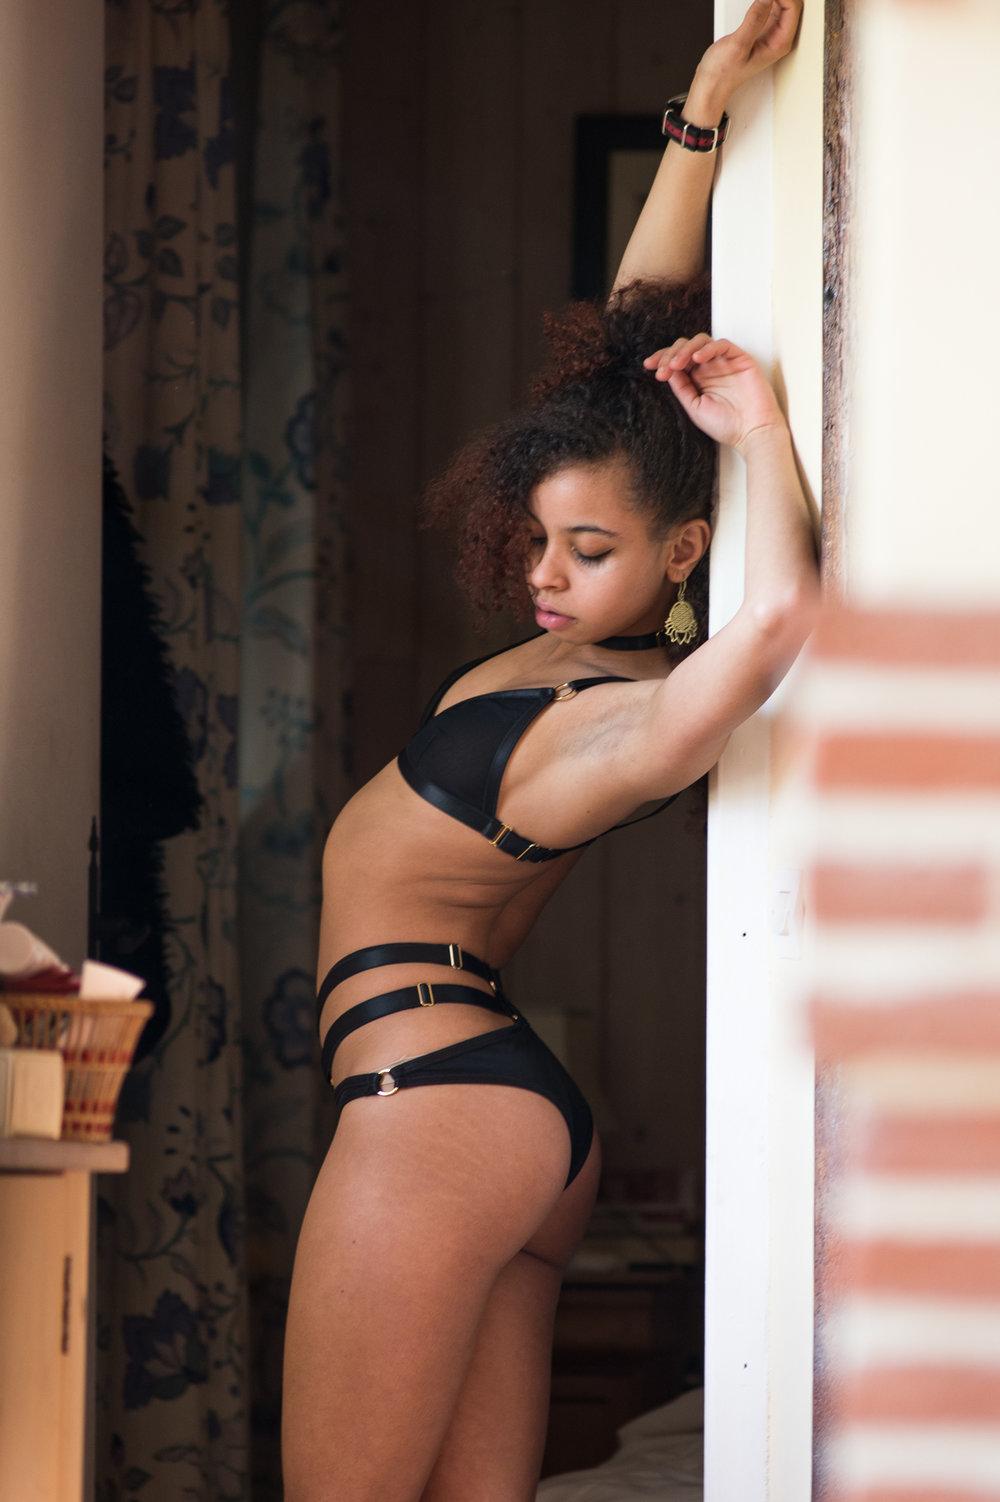 savannah lingerie paris les rituelles_retouch__DLZ5539.JPG